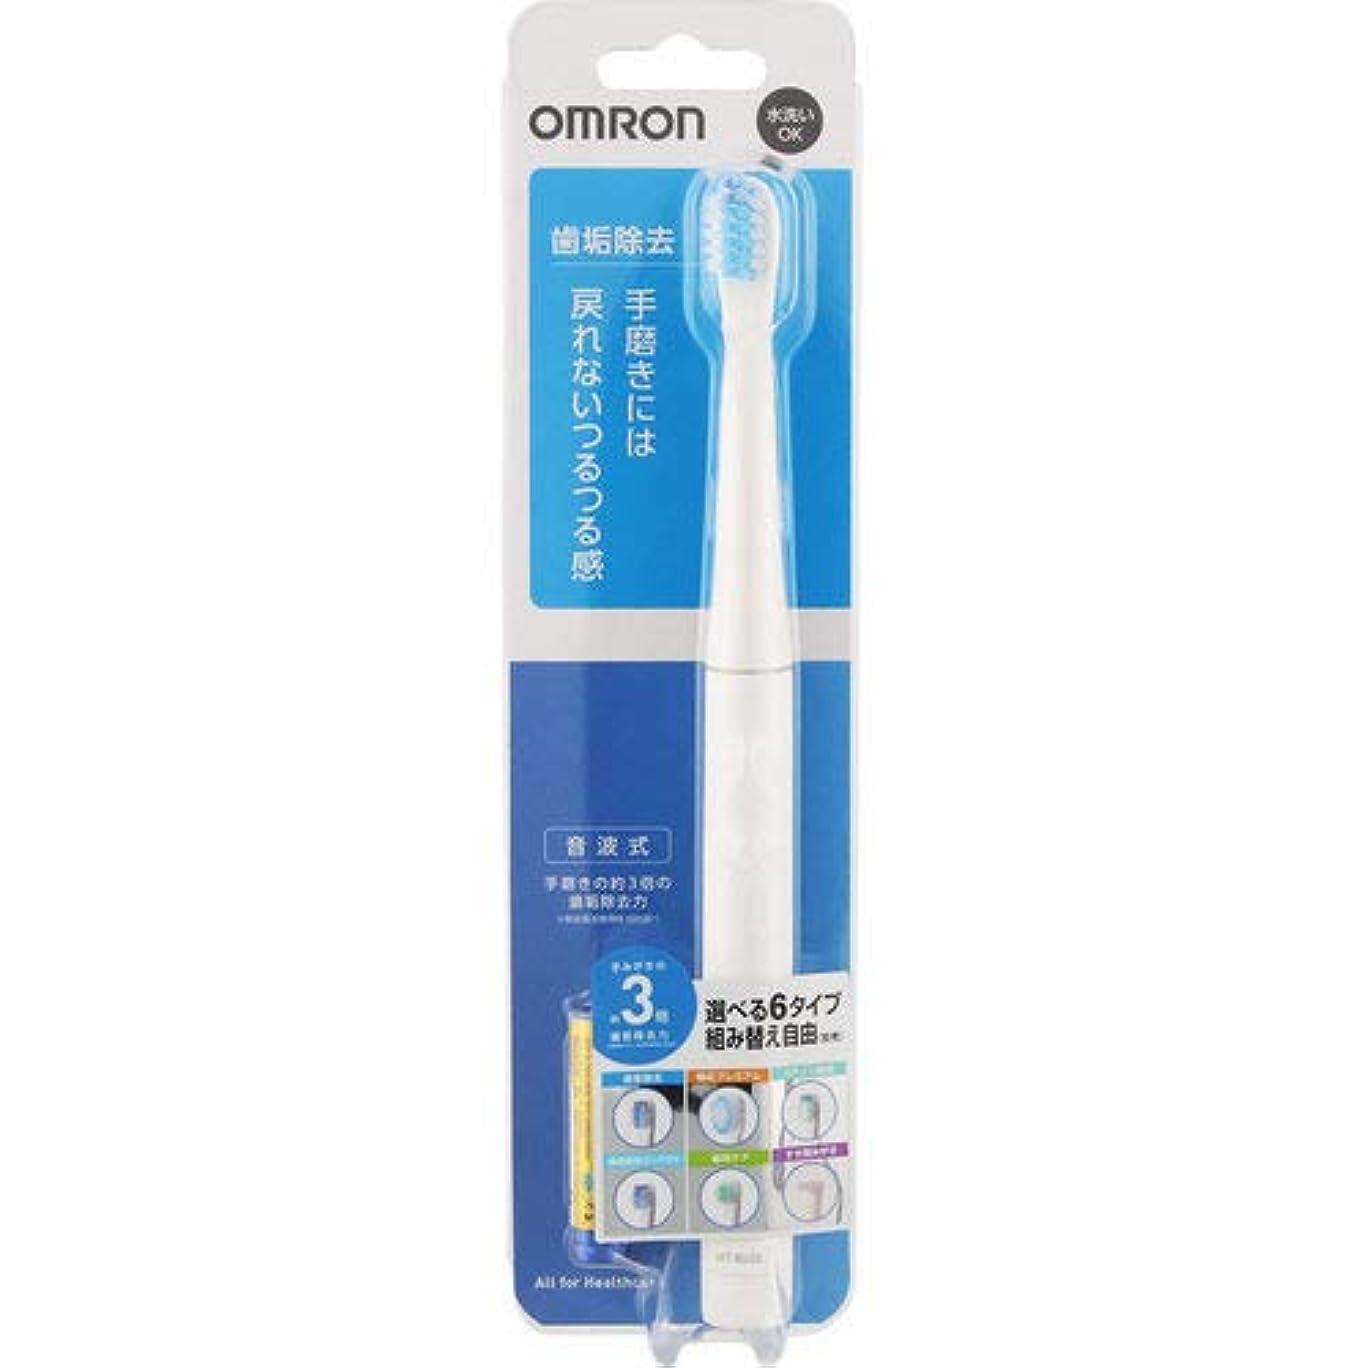 鳴り響くコック服オムロン 電動歯ブラシ HT-B220-W ホワイト 電池式